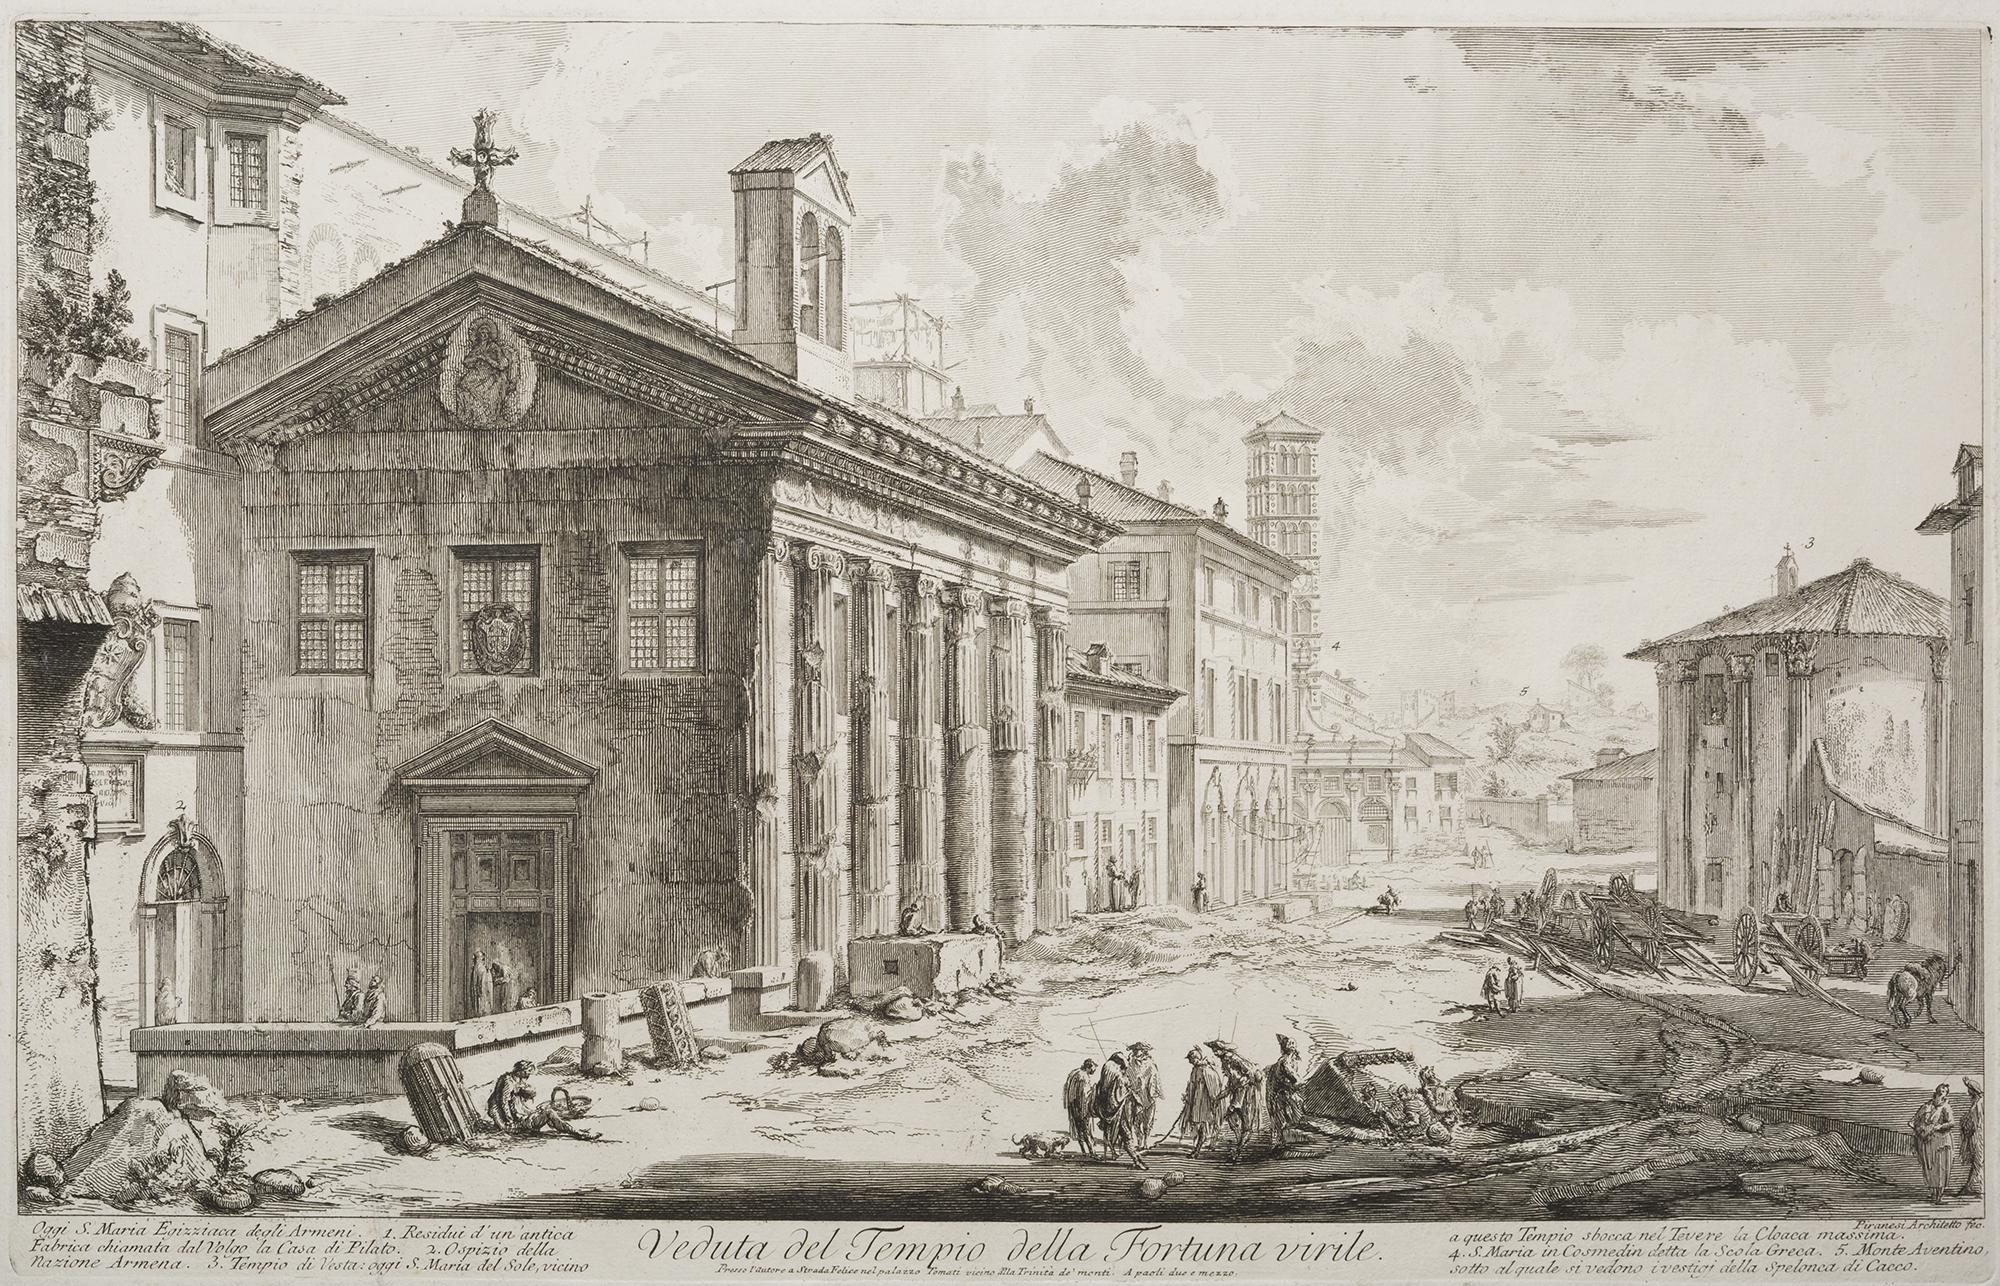 roma piranesi veduta del tempio della fortuna virile